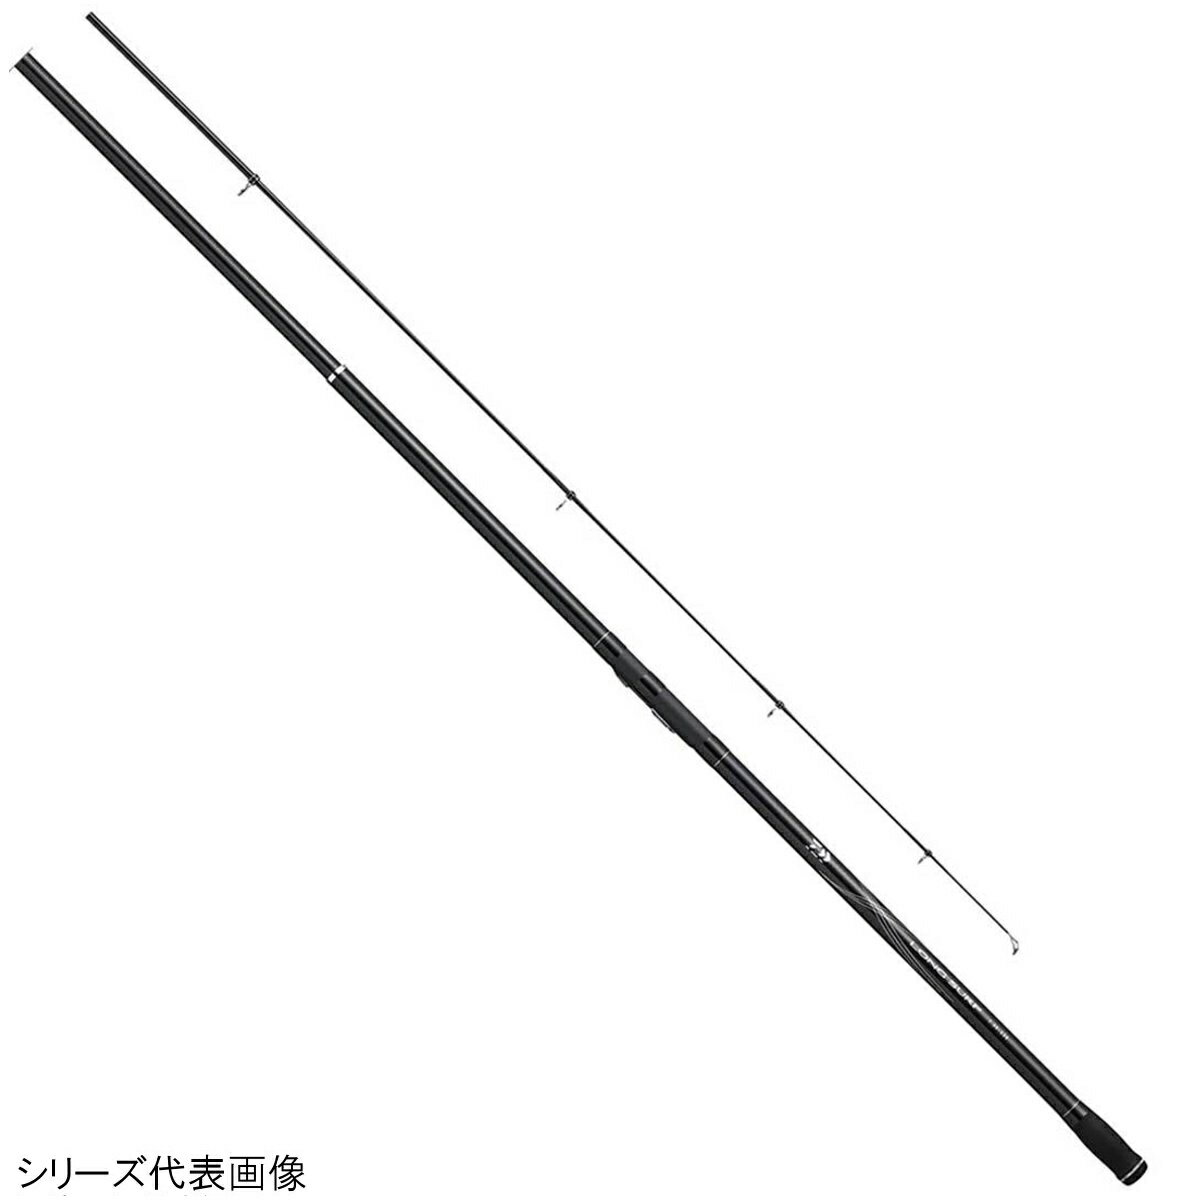 ダイワ ロングサーフ T 33-530・Y【送料無料】